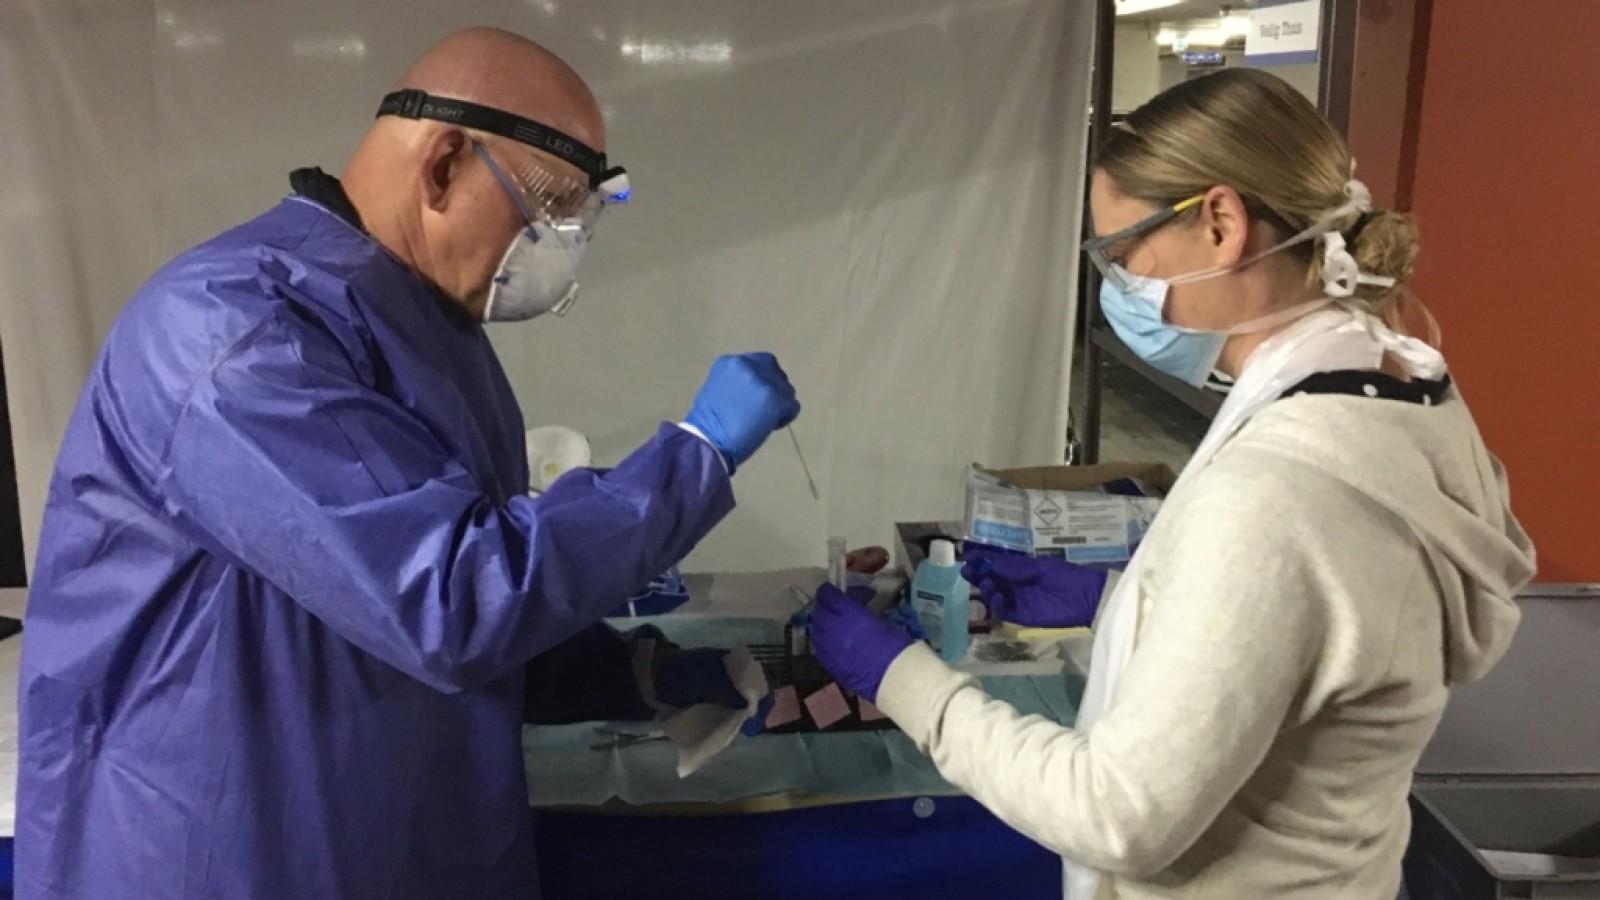 Coronatests: 15 procent van geteste personen in 't Gooi besmet met coronavirus